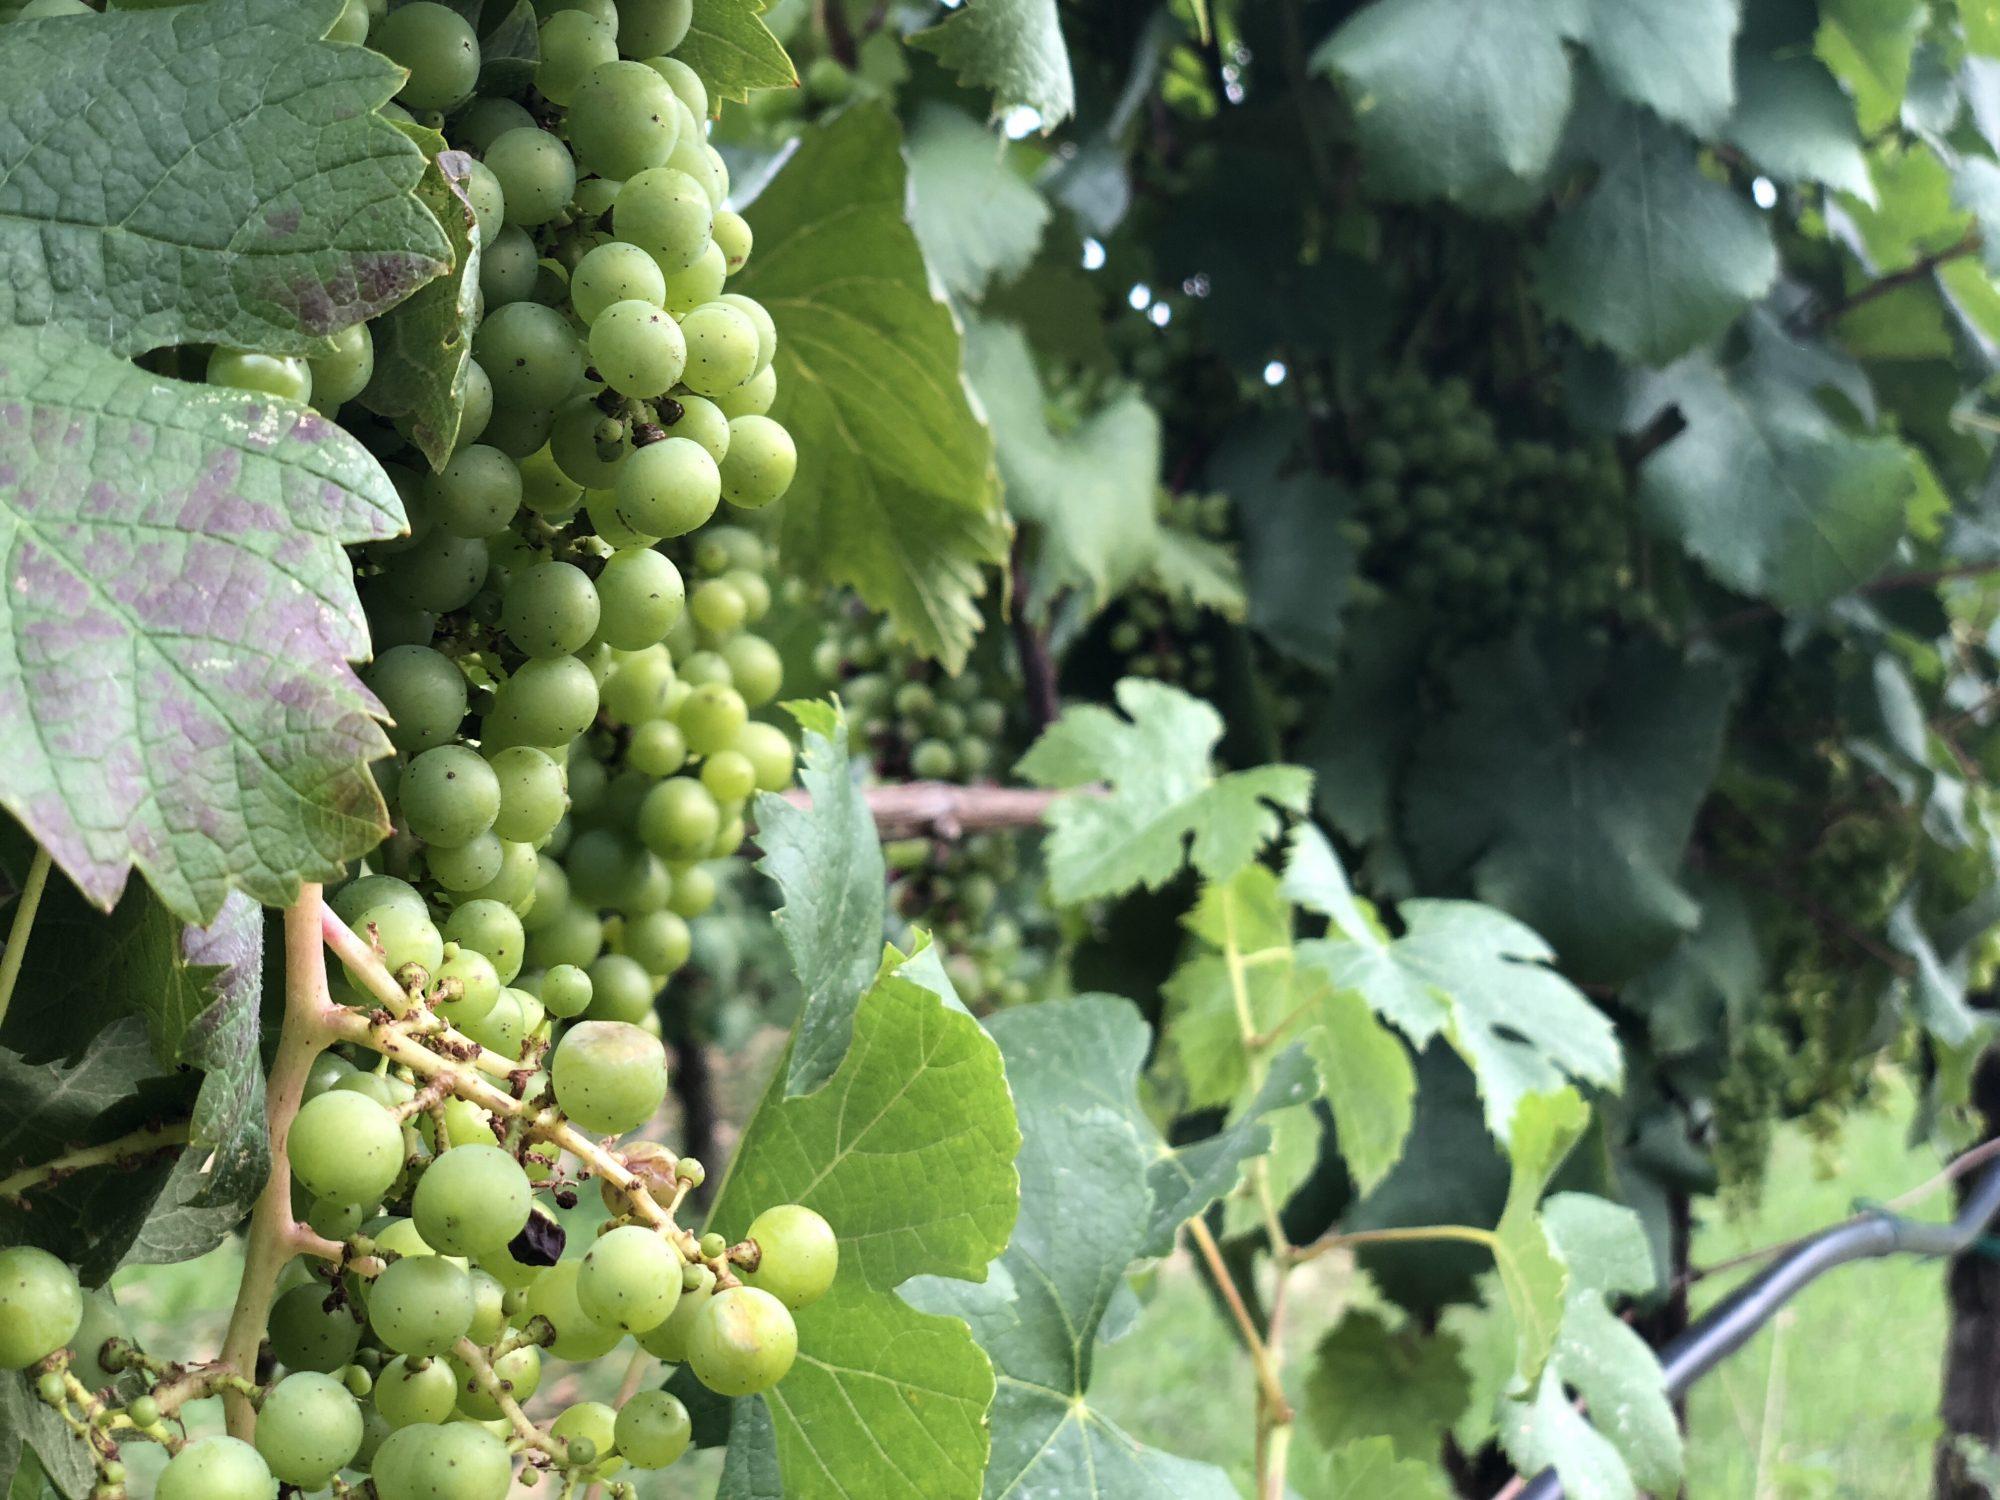 Vinprovning i Dubravka